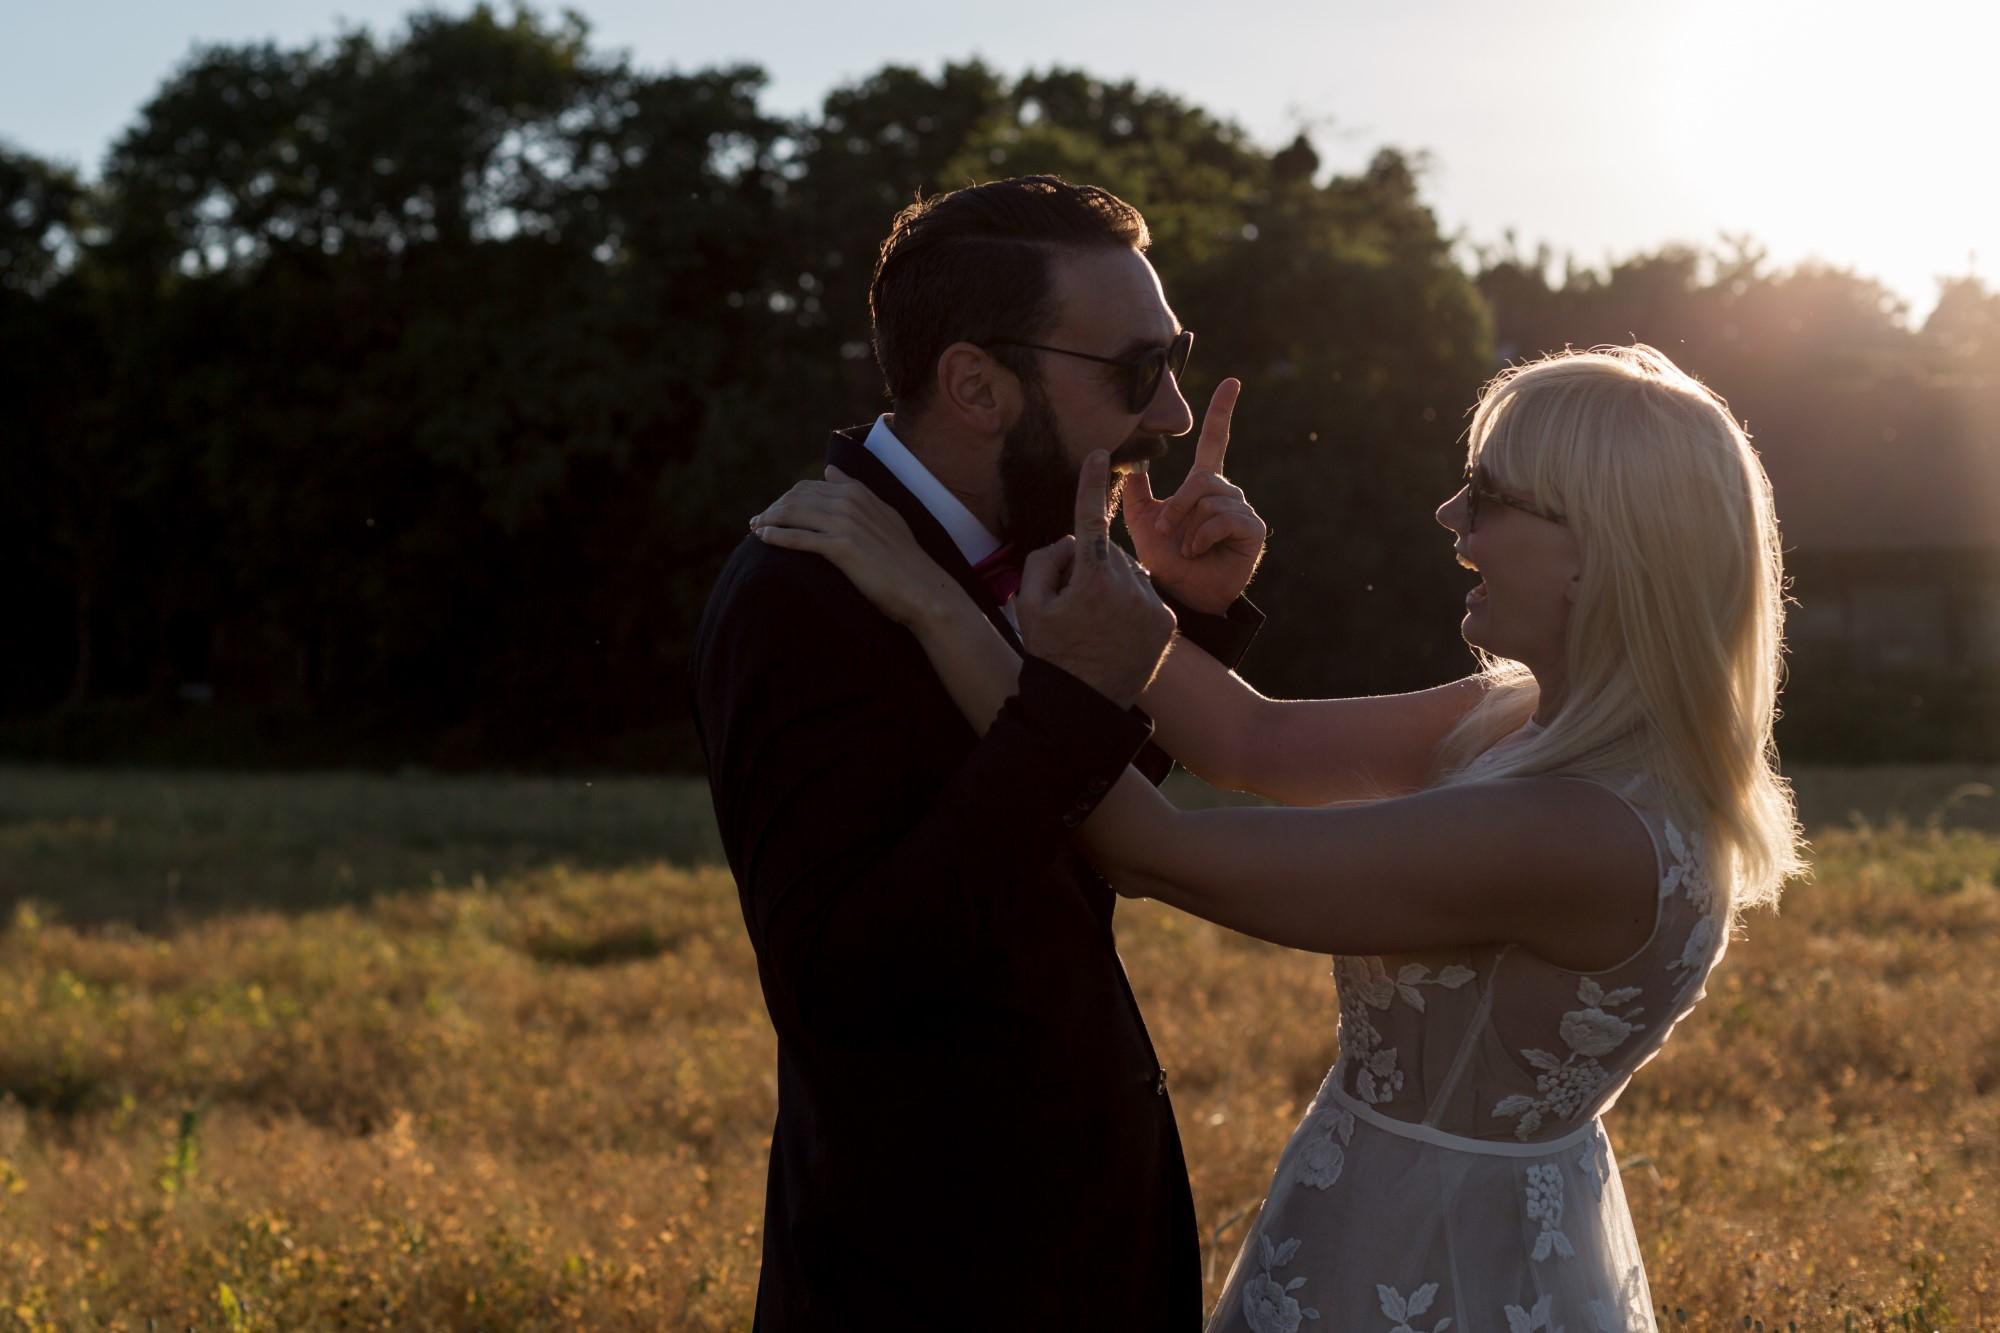 Liebe, Emotionen und Spass beim Paar Fotoshooting